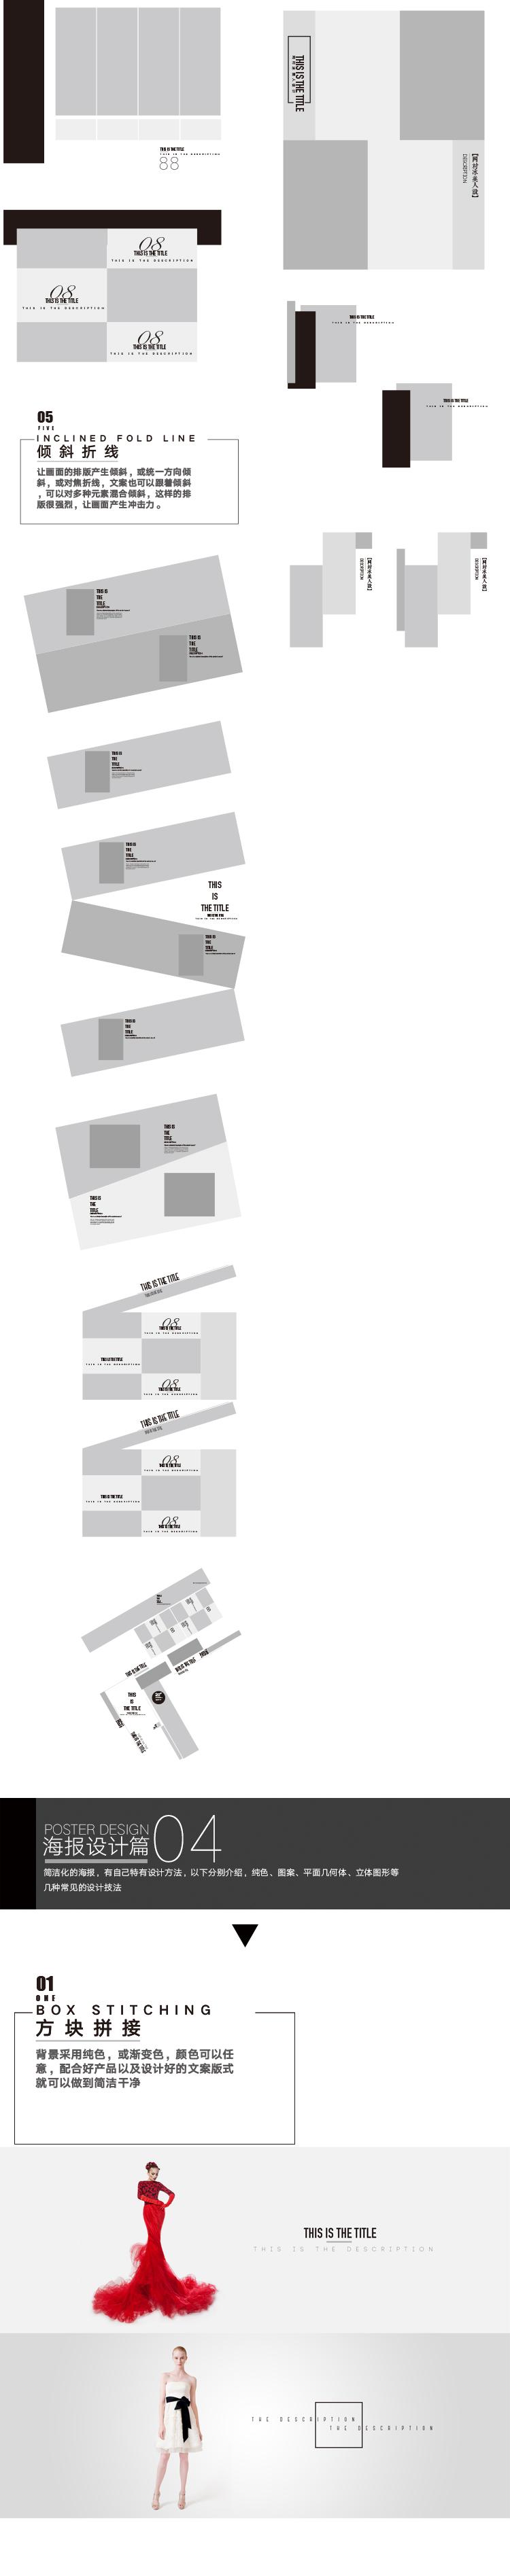 查看《大气 高逼格设计技法》原图,原图尺寸:750x3791